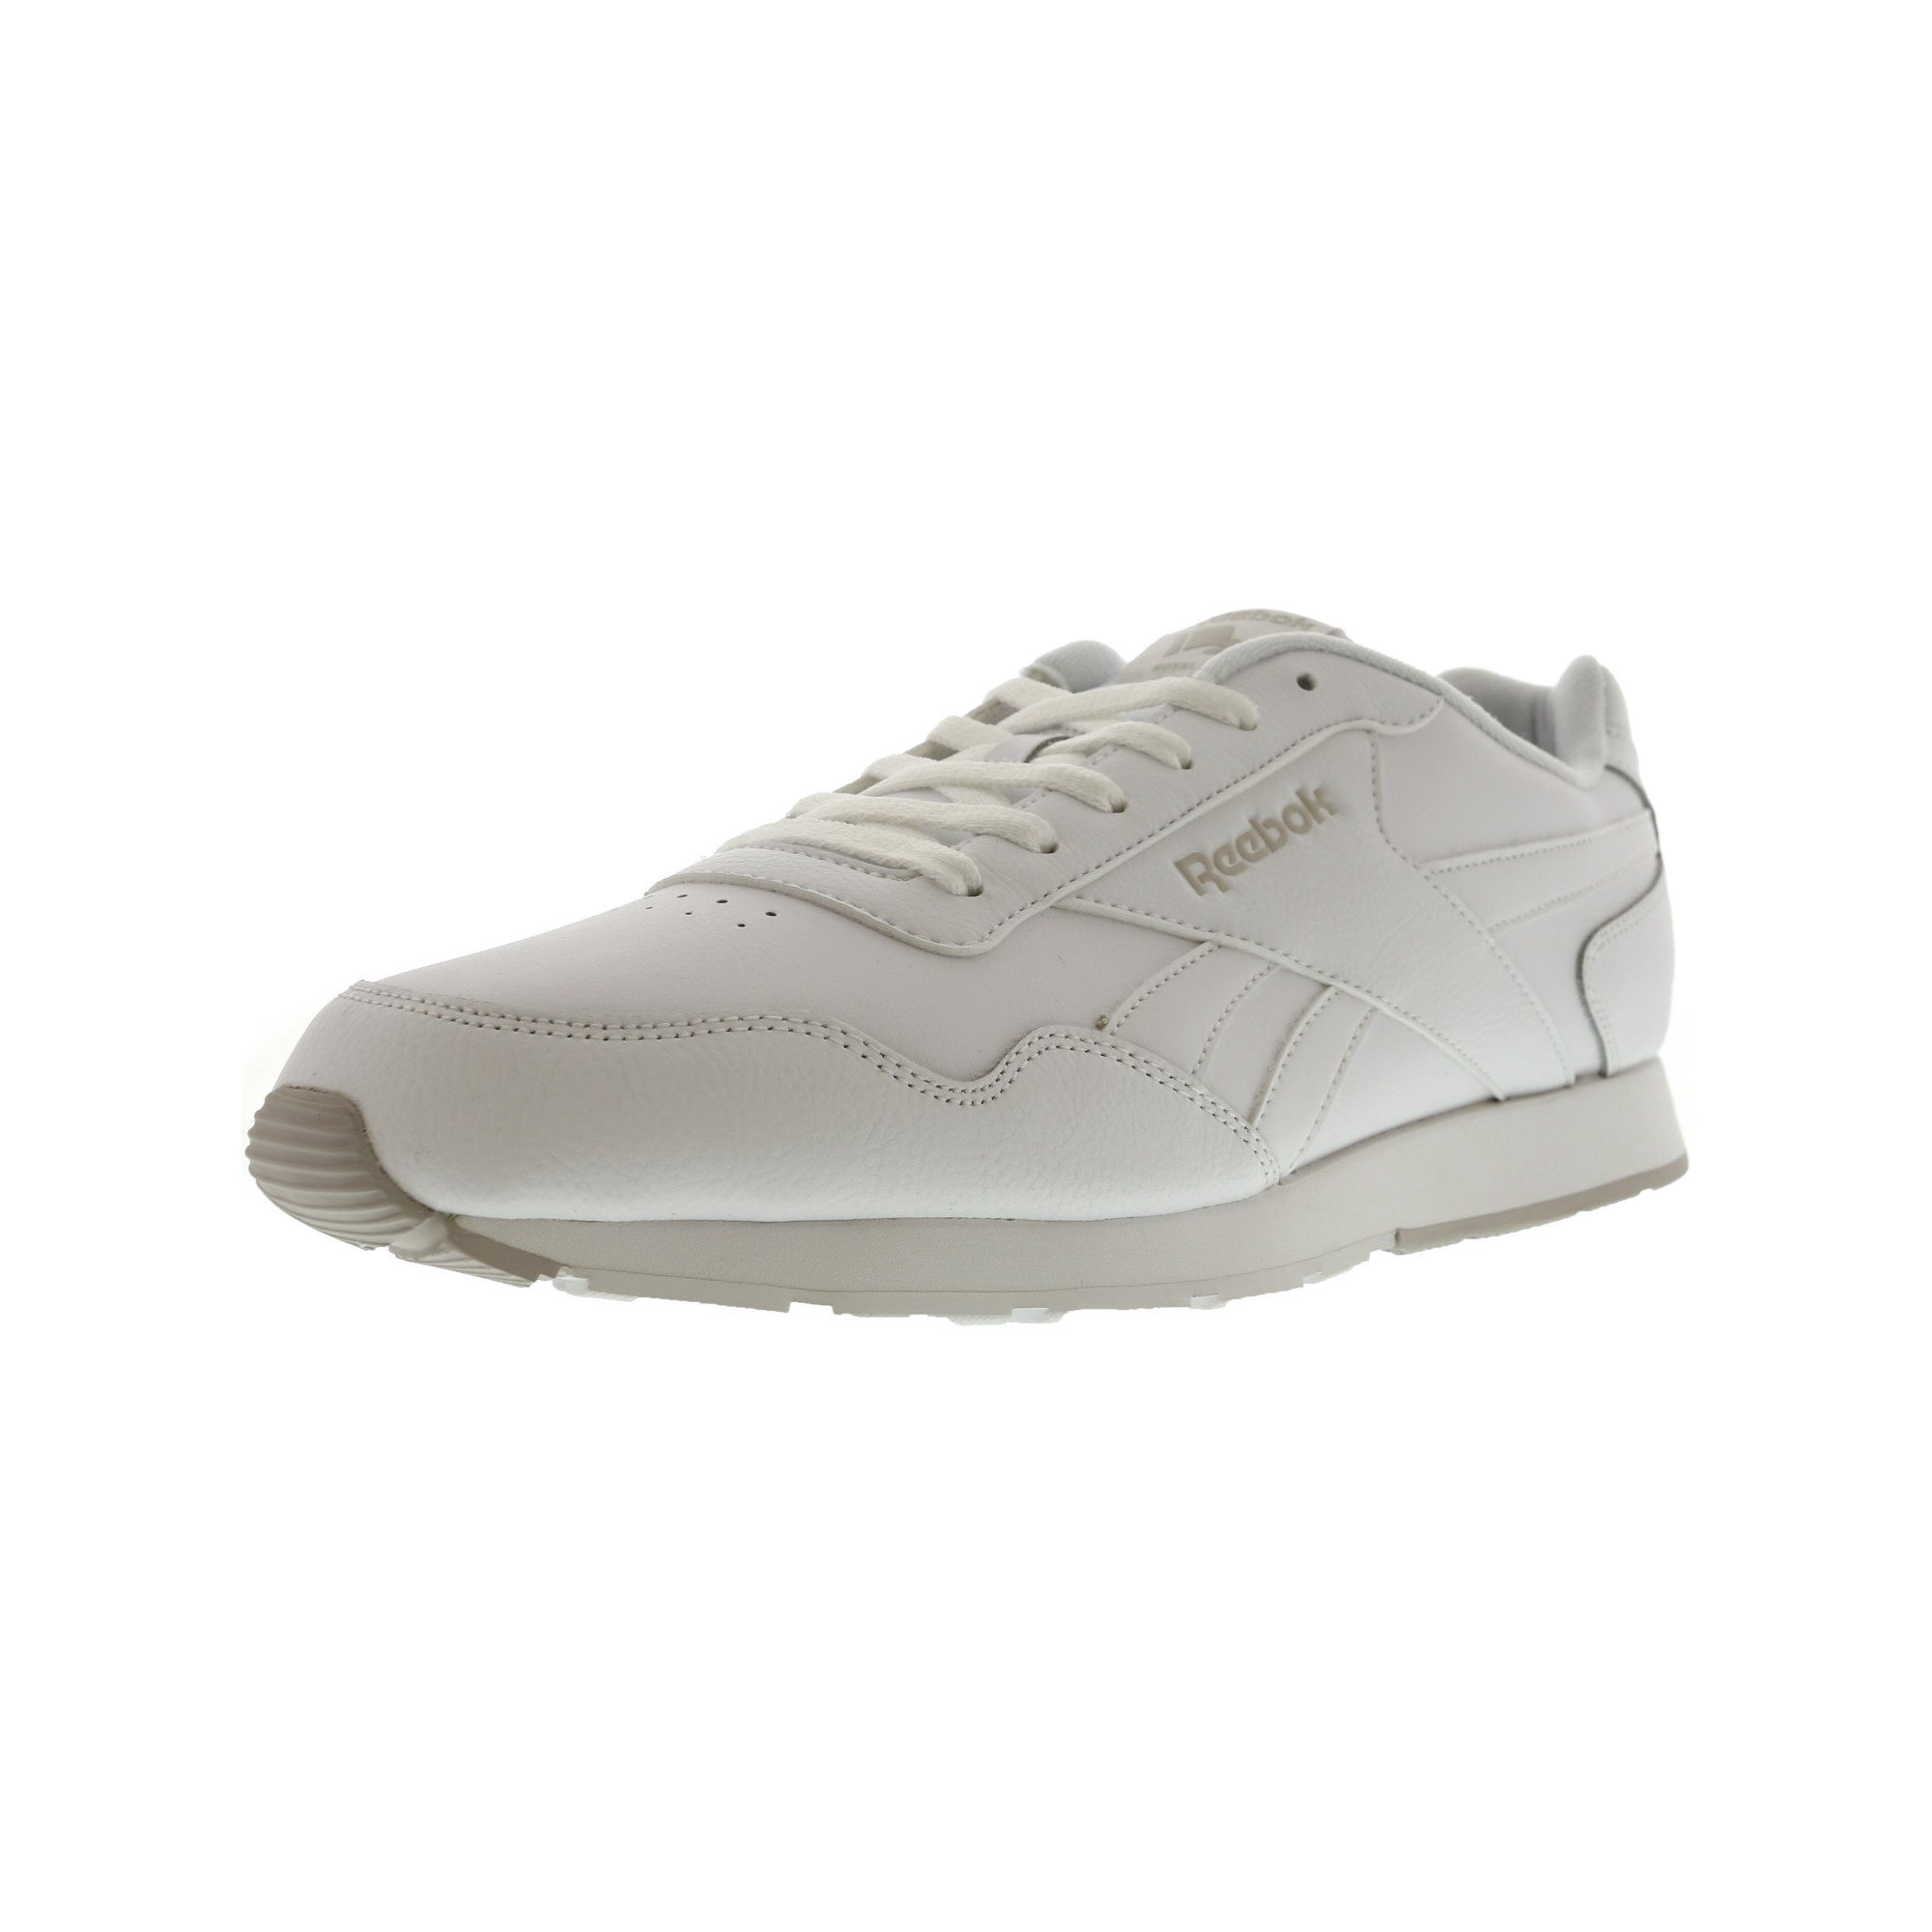 53d9897b Reebok Men's Royal Glide White / Steel Ankle-High Leather Fashion Sneaker -  13M